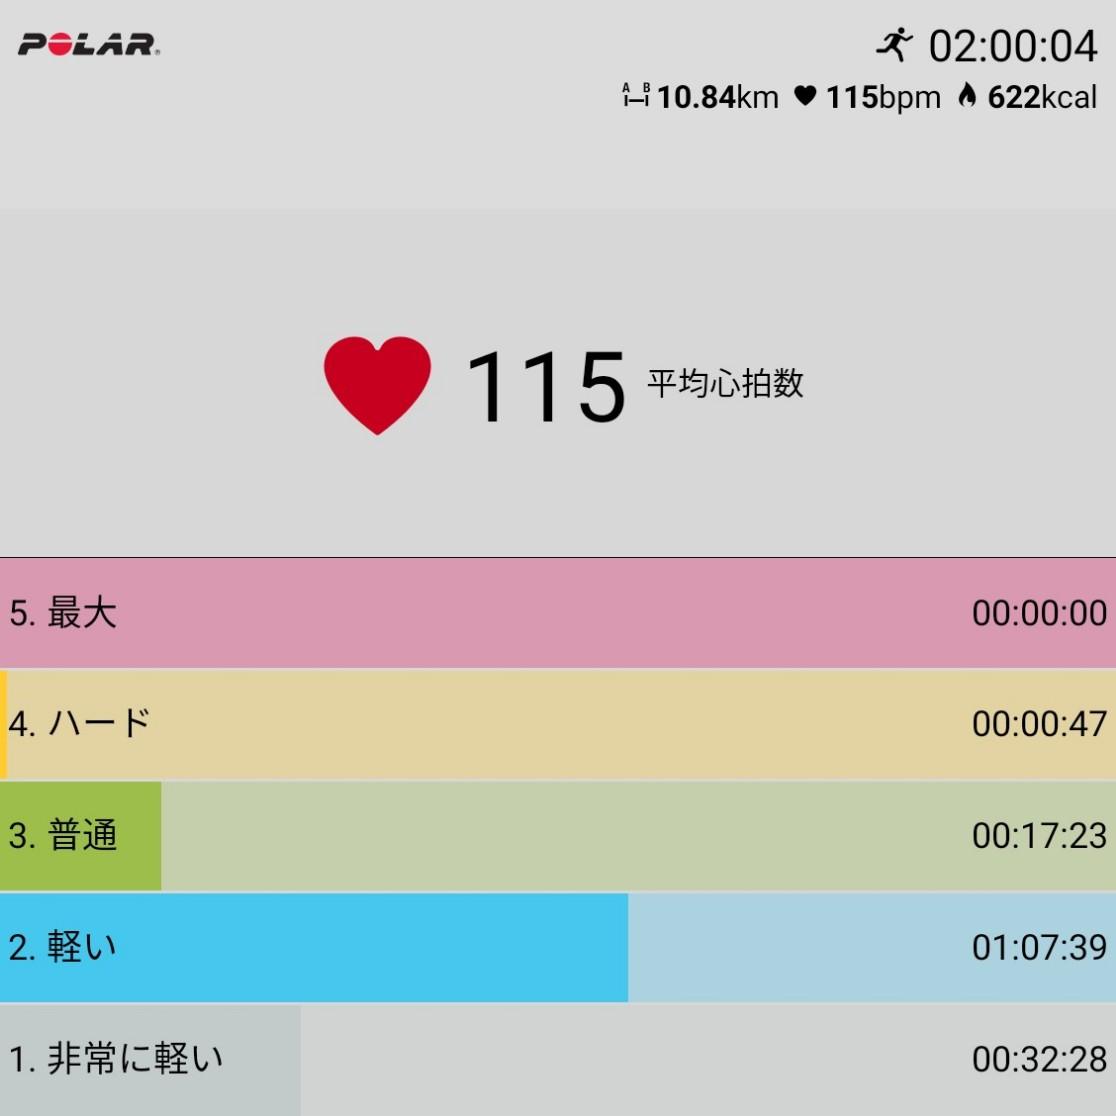 f:id:fuuta09neko:20190331201209j:plain